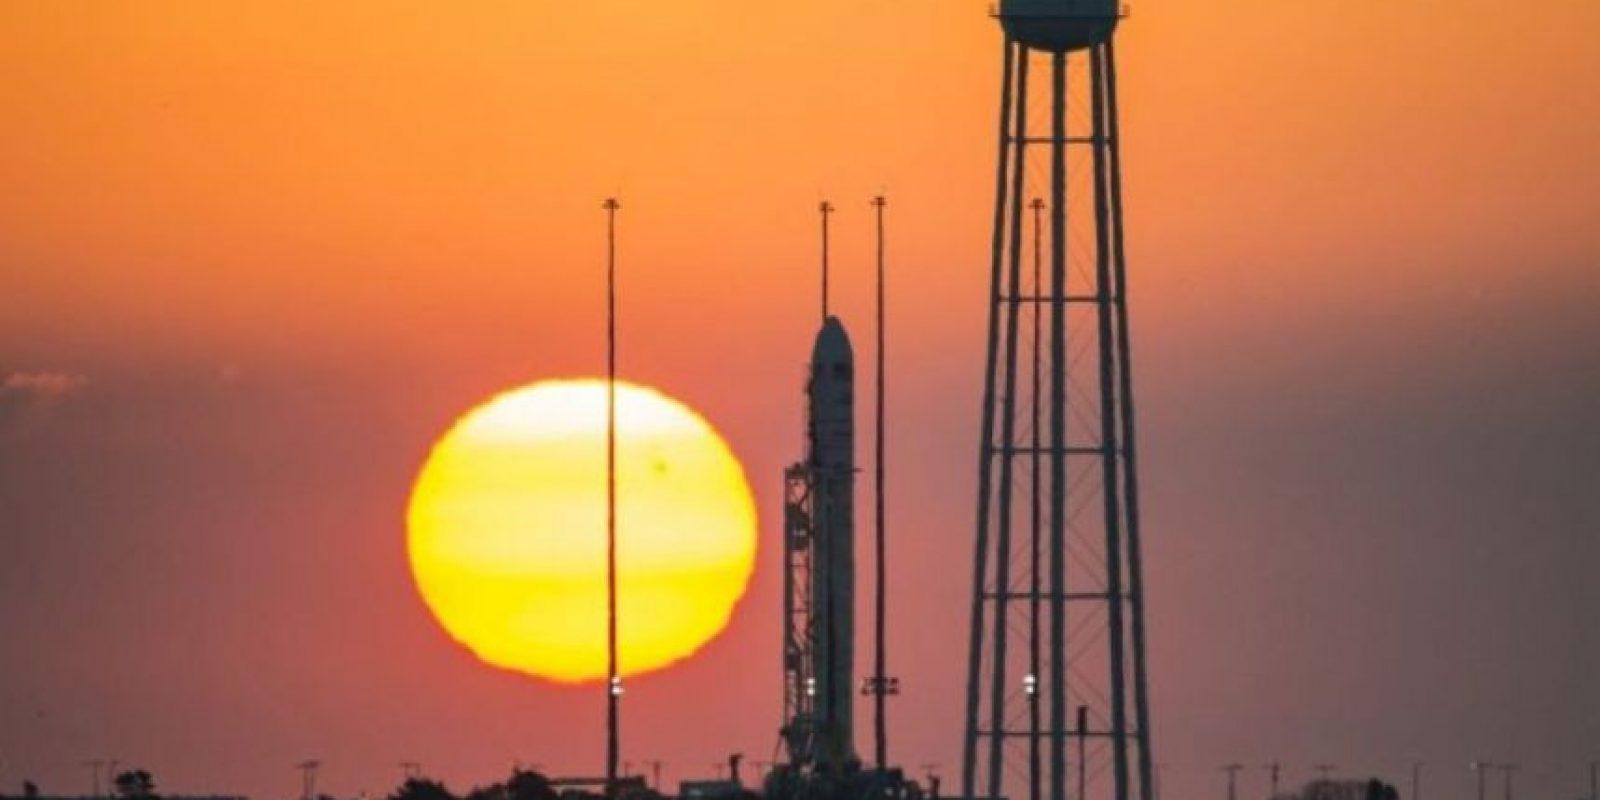 Antares entregaría a la Estación Espacial Internacional alimentos, herramientas y algunos experimentos. Foto:AFP